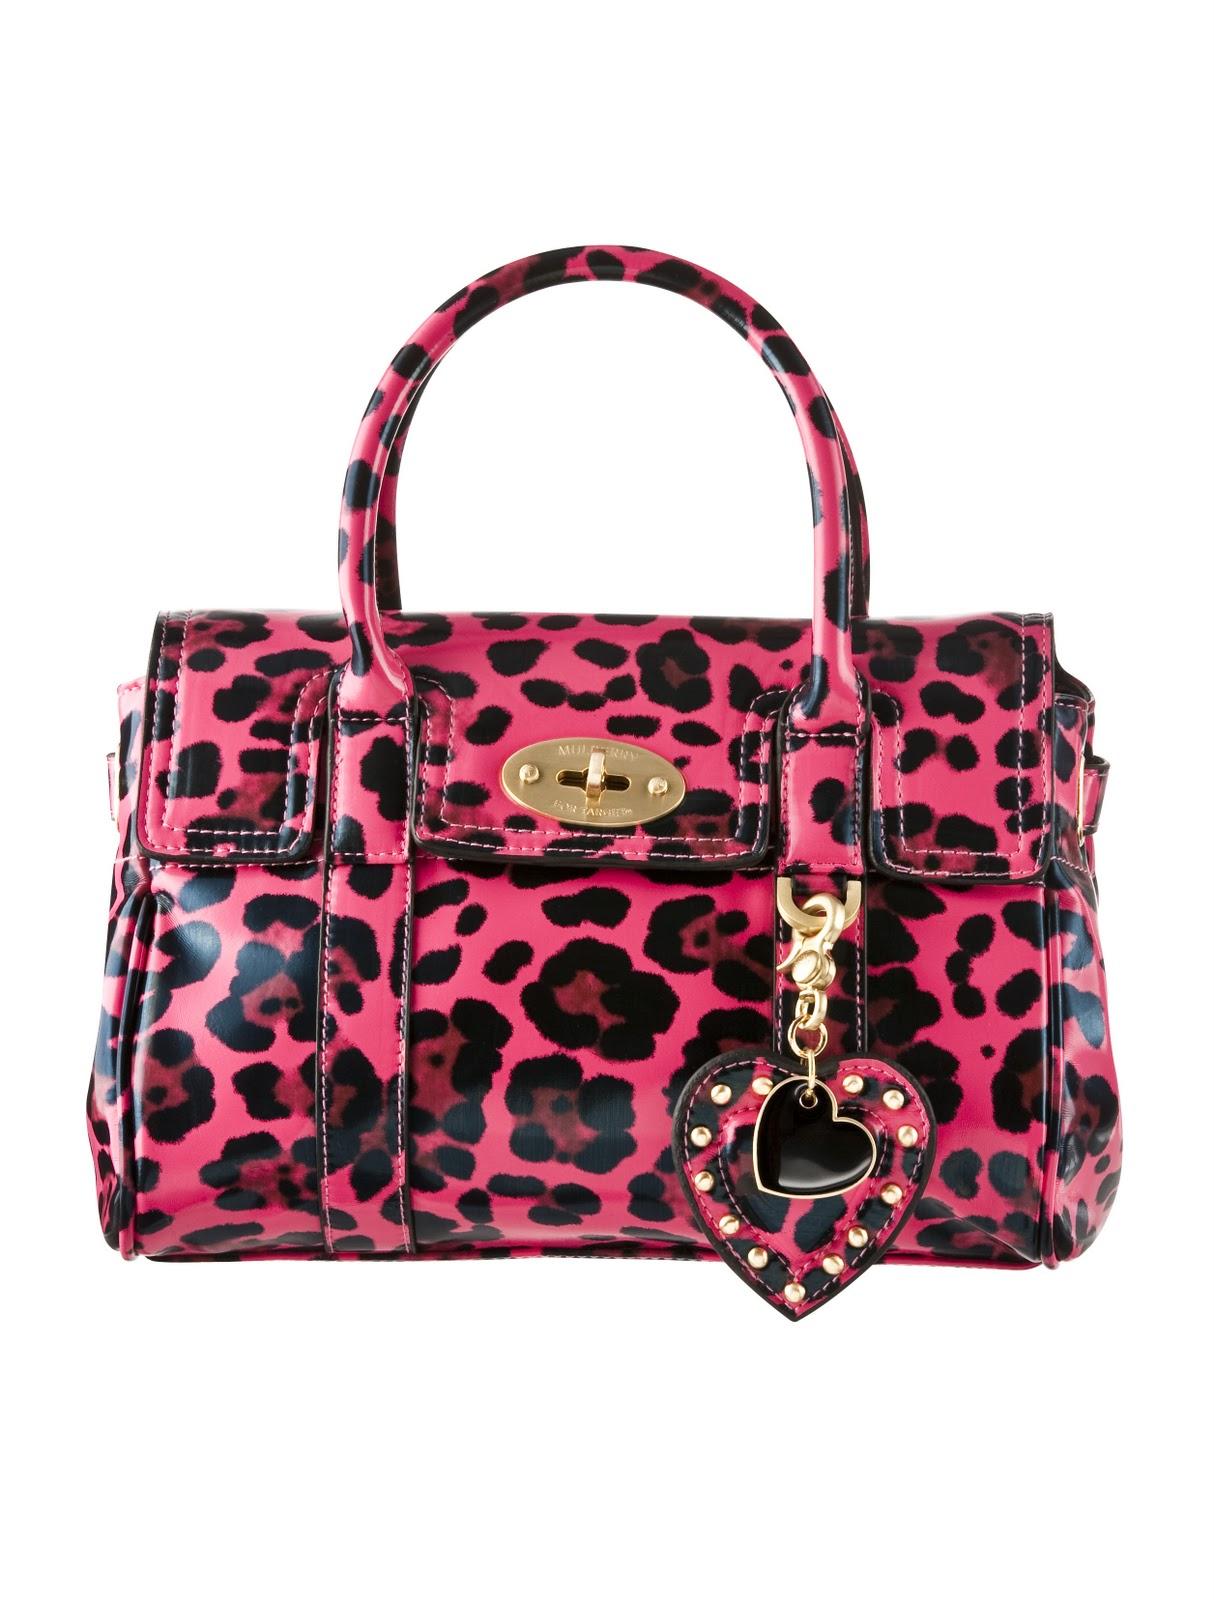 http://1.bp.blogspot.com/_tHQ1gA2brsc/TK-l2lciL6I/AAAAAAAAGYI/8xojzERgX84/s1600/Mulberry+for+Target+Look+06+b.jpg